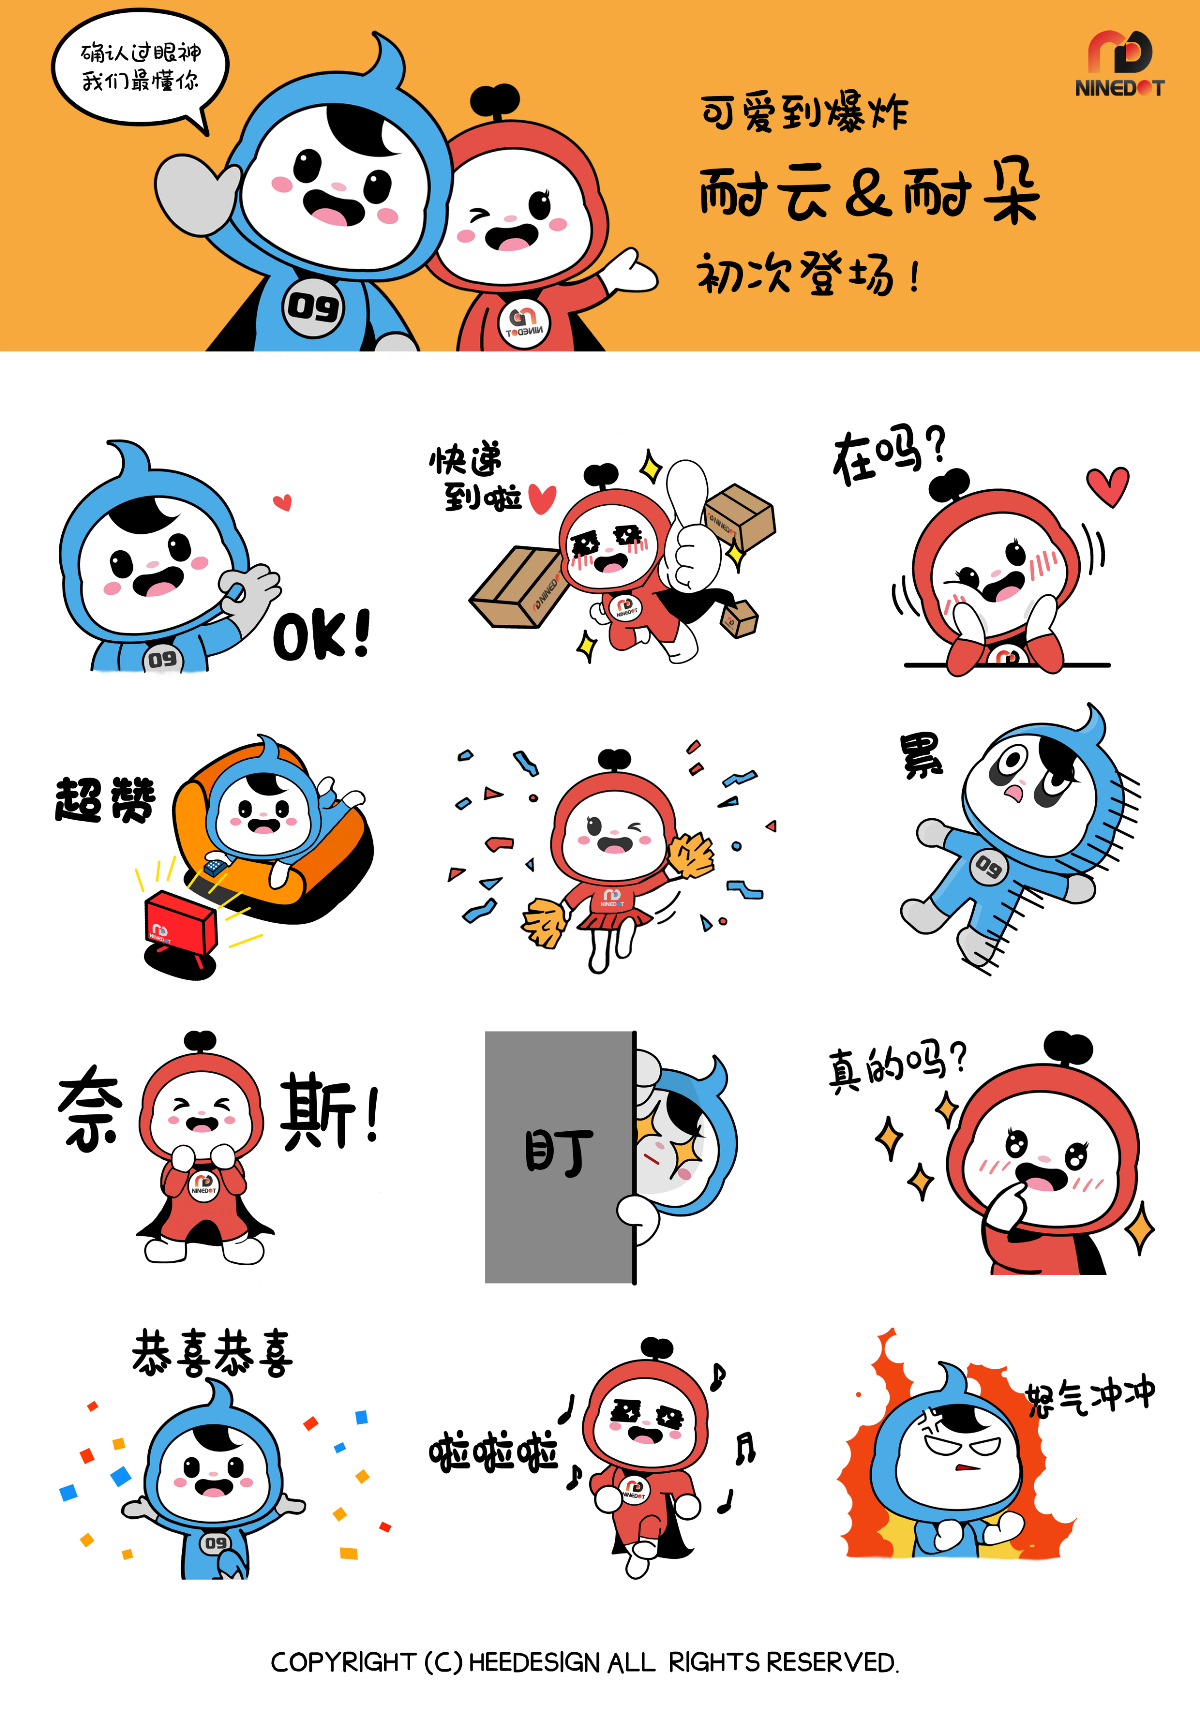 HEEDESIGN企业吉祥物表情包设计